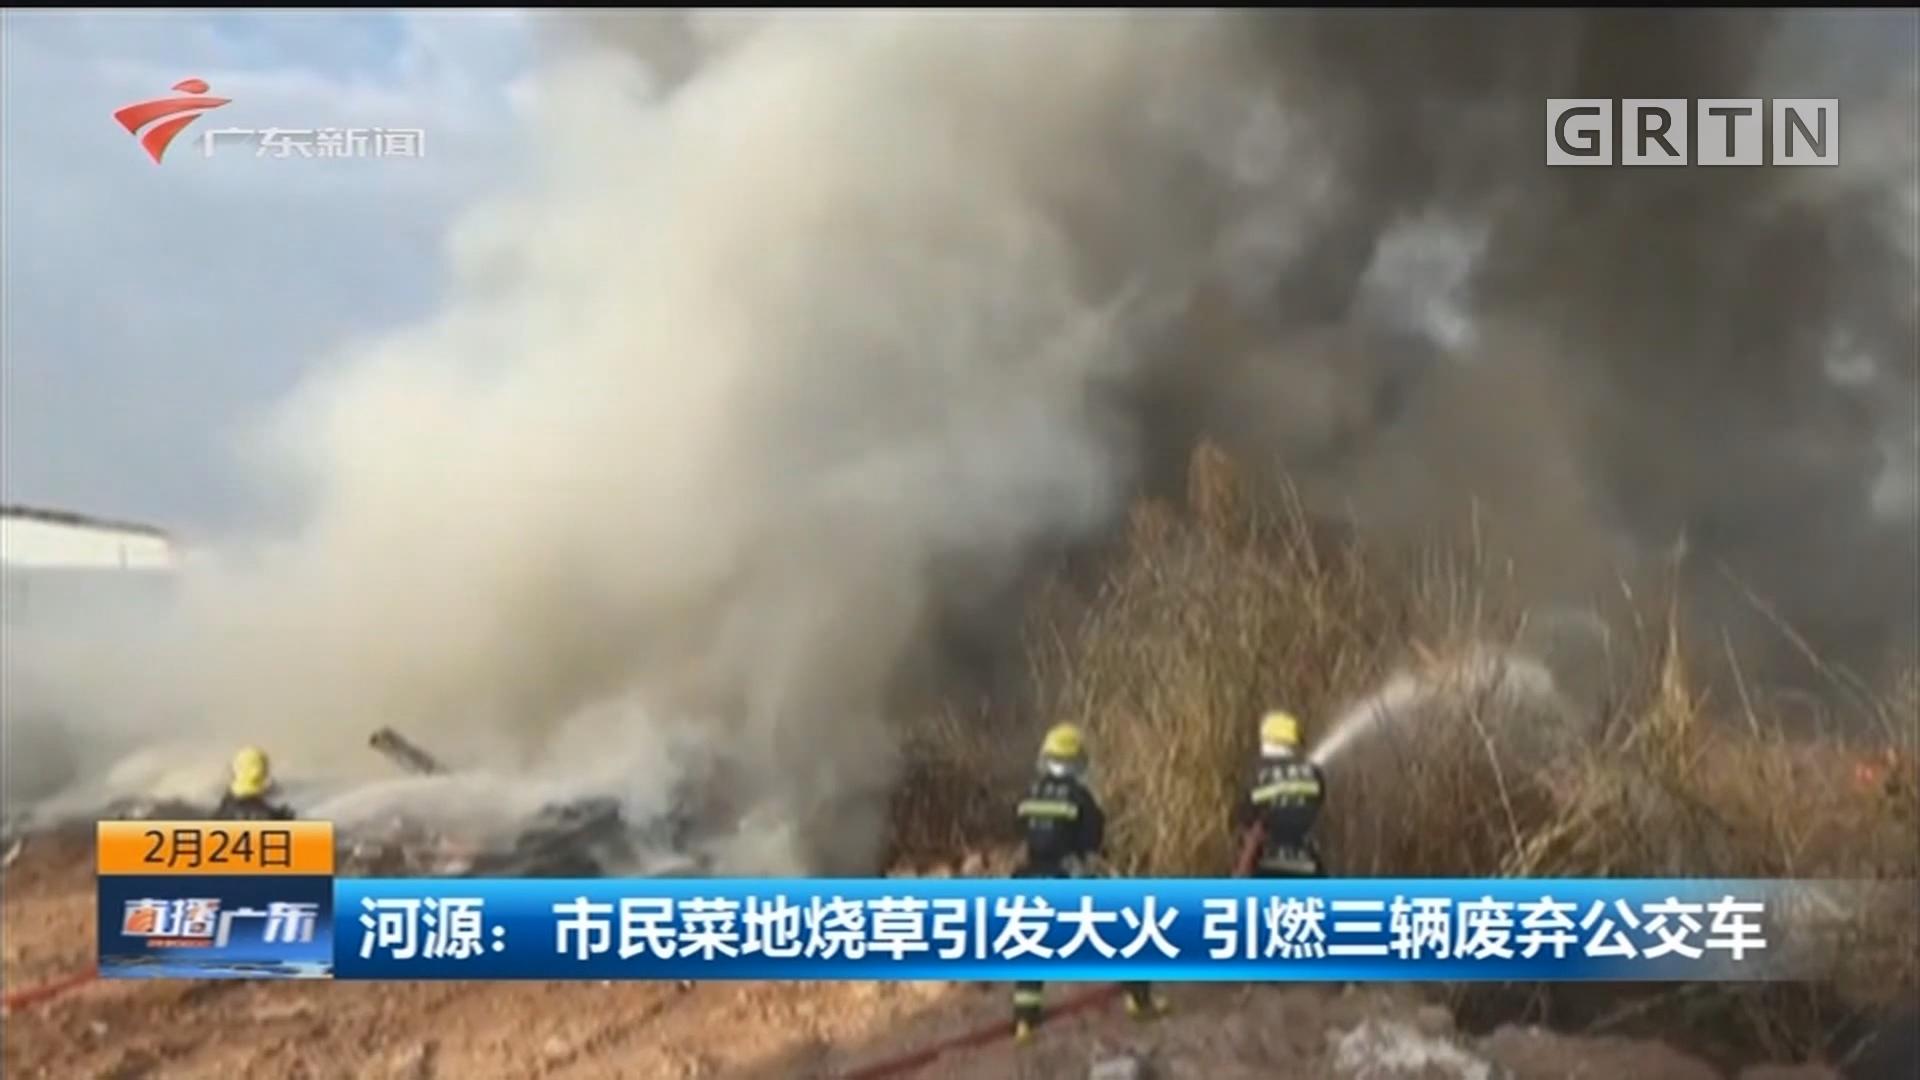 河源:市民菜地烧草引发大火 引燃三辆废弃公交车